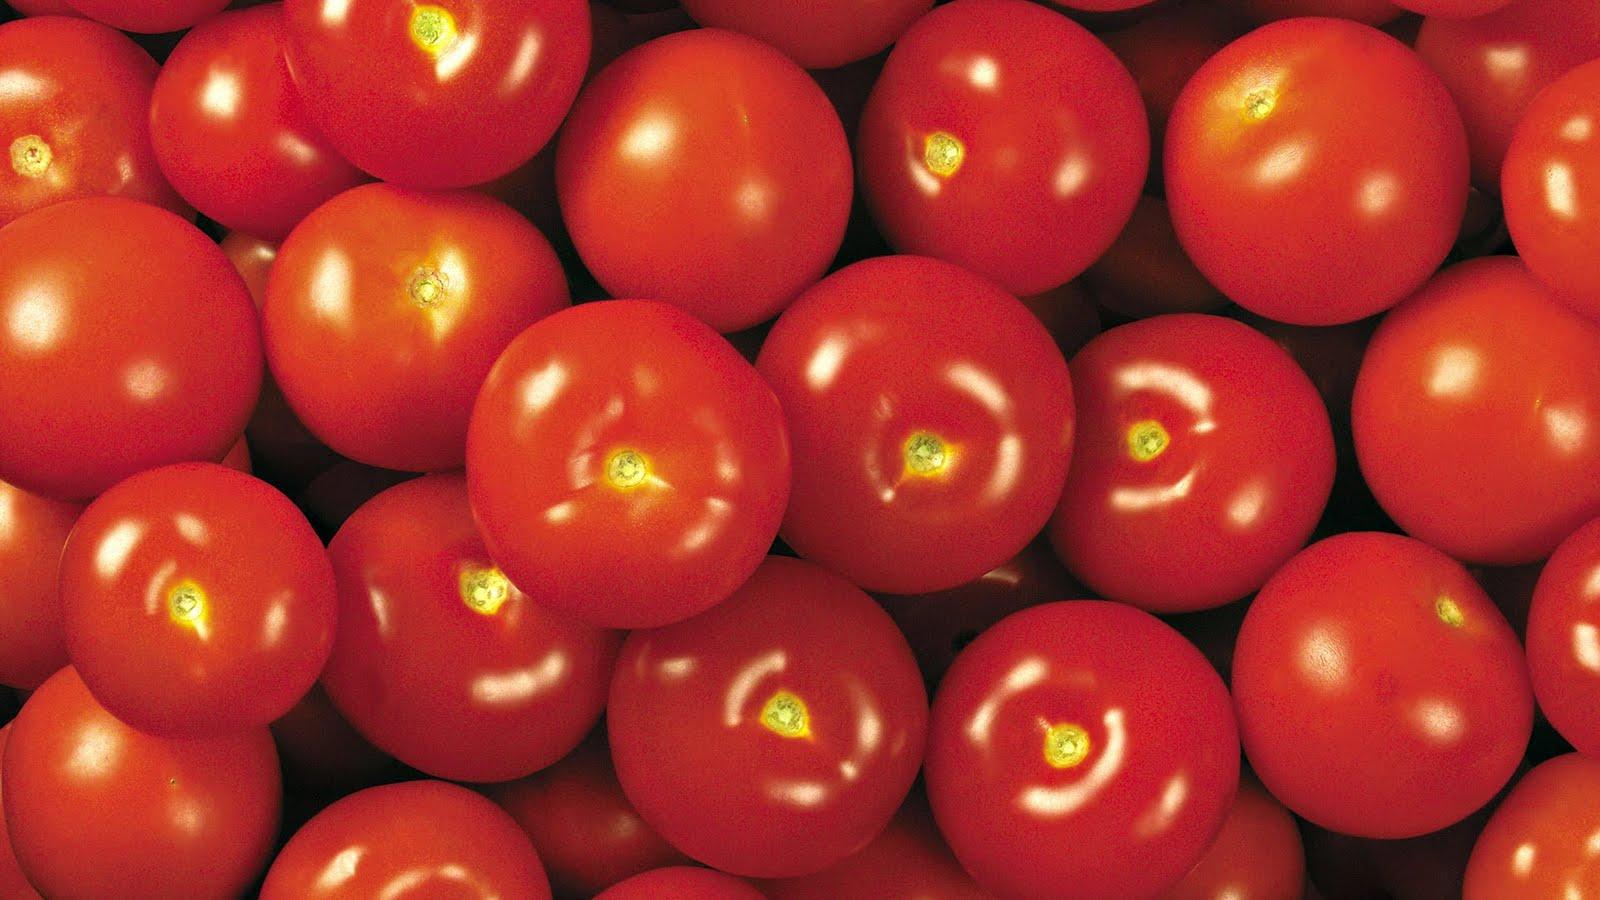 http://1.bp.blogspot.com/_Ym3du2sG3R4/TE4WrTiH9AI/AAAAAAAACr4/qa1az6eMpeY/s1600/tomato-wallpaper.jpg